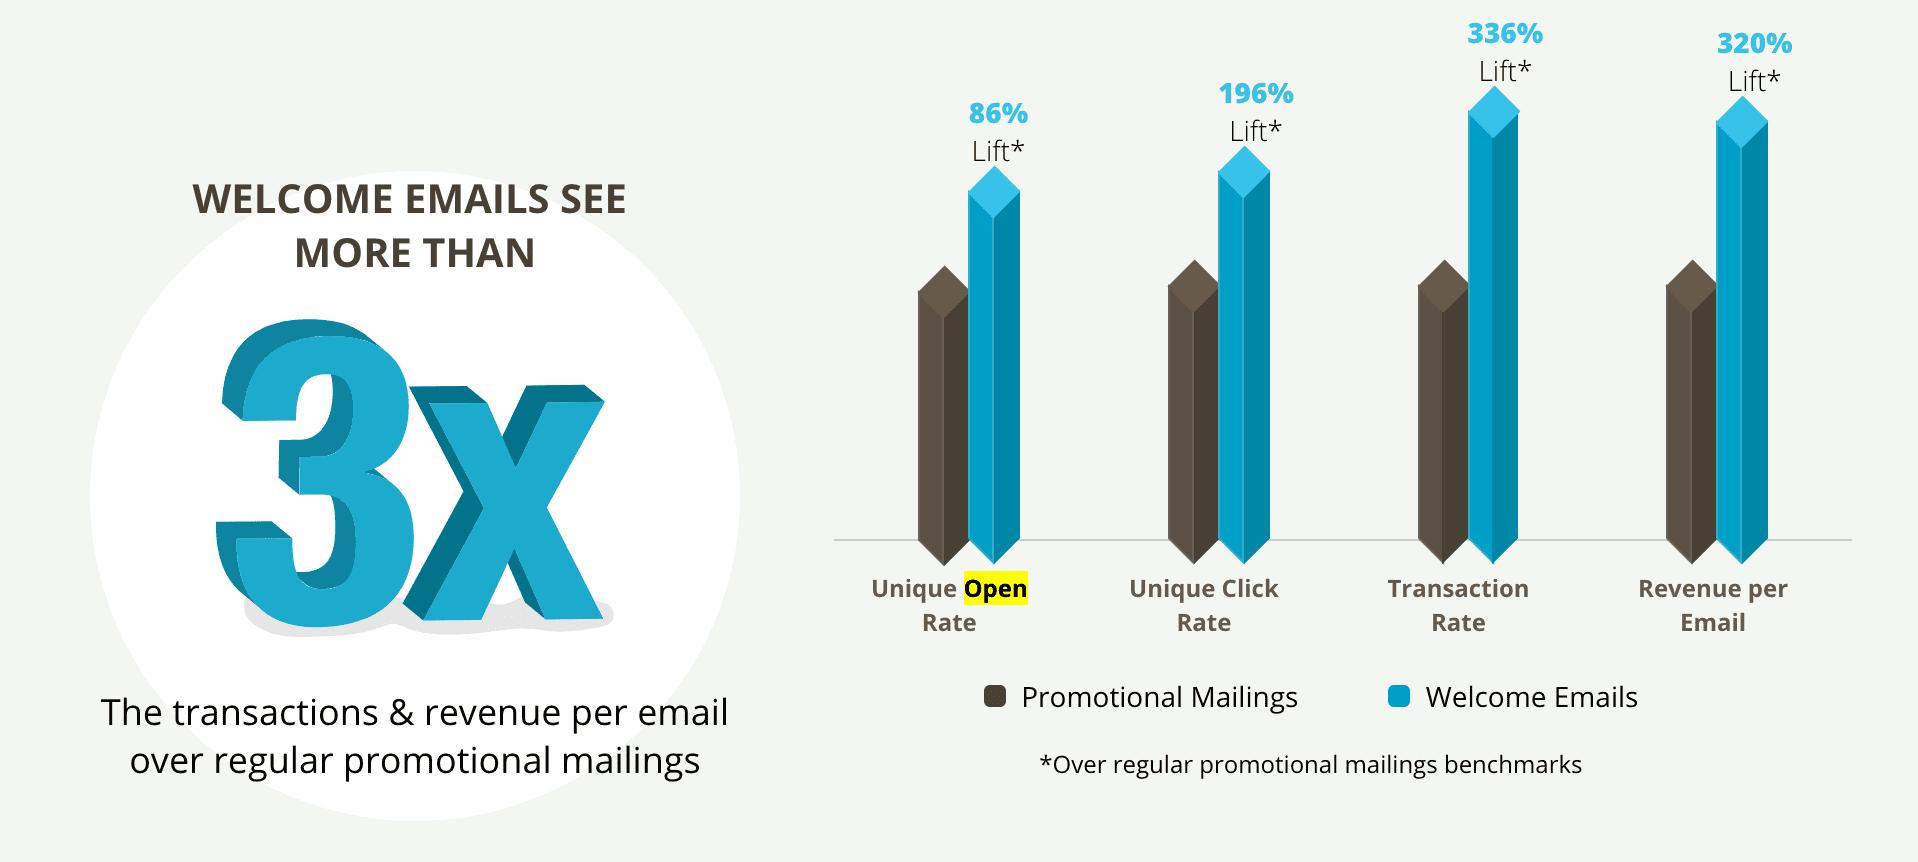 Datos sobre los emails de bienvenida - Inbox Army